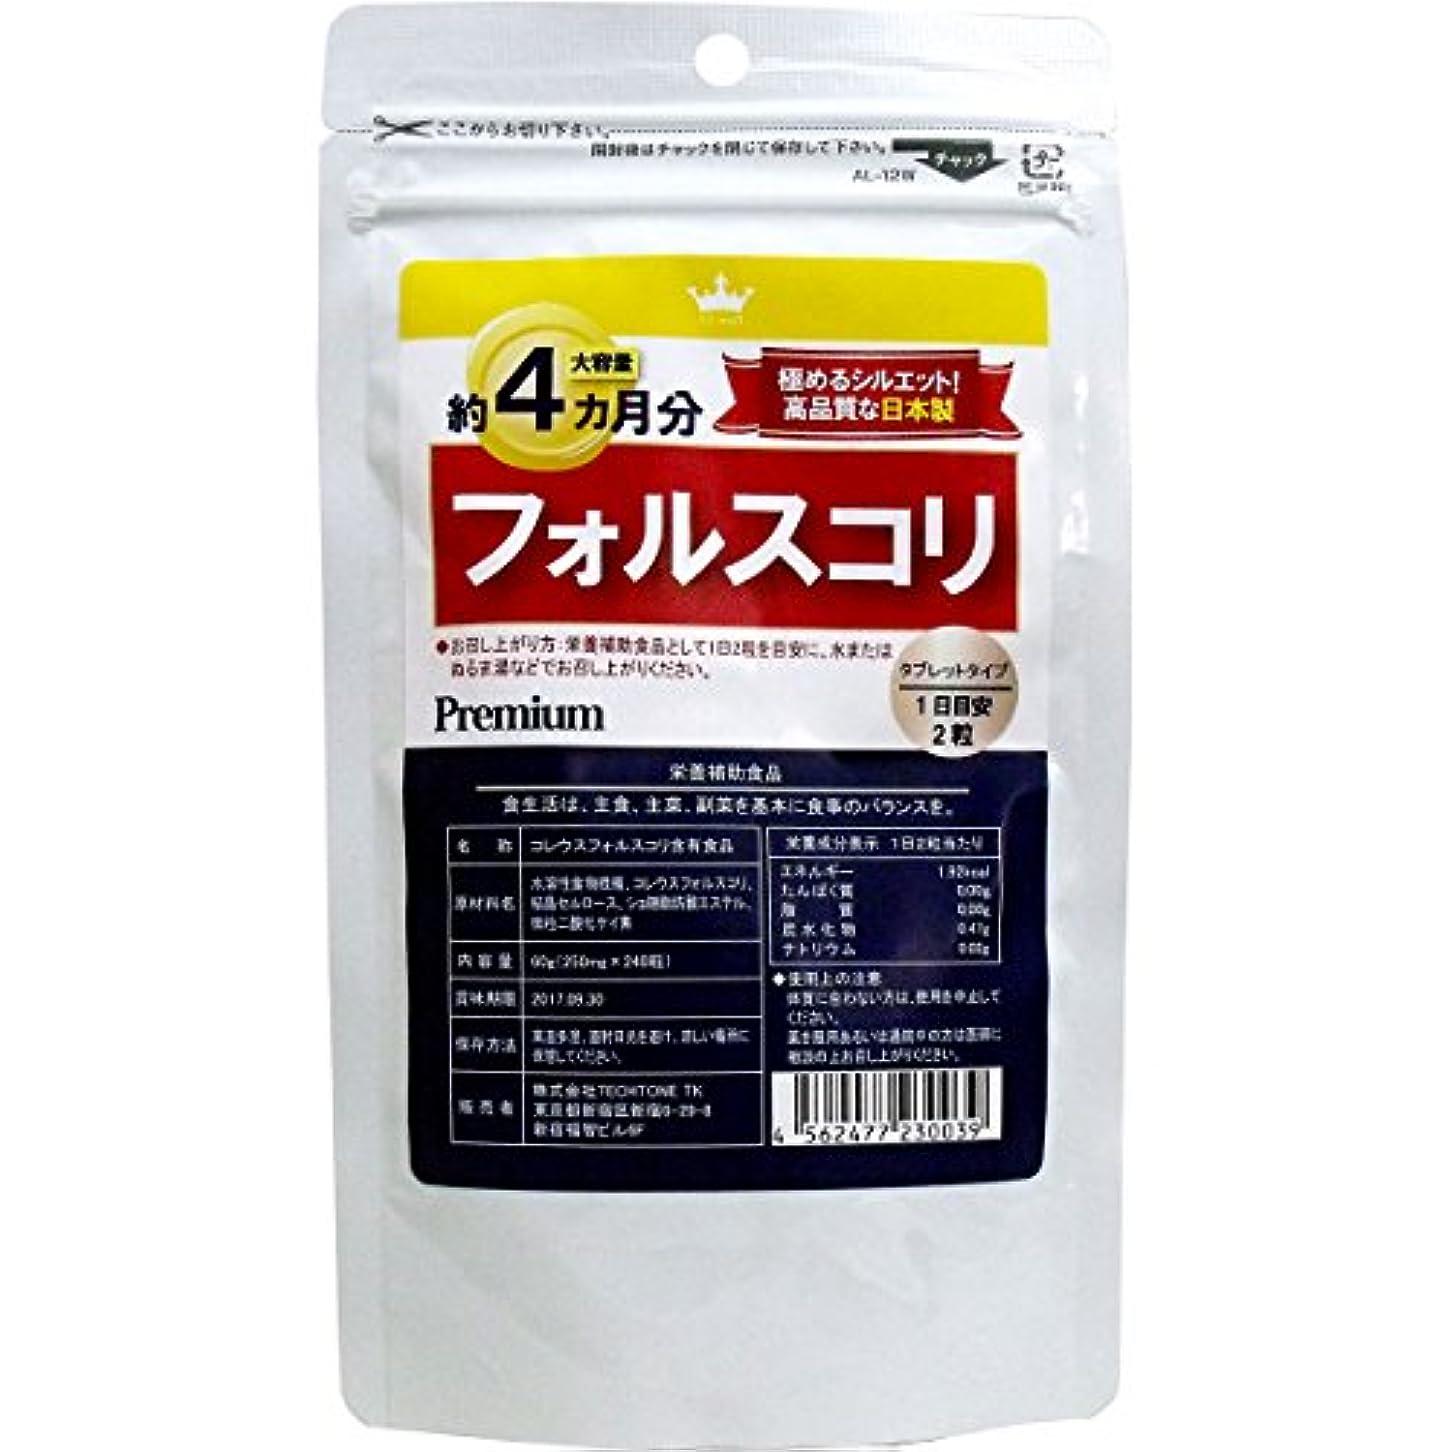 うなるマーカー庭園サプリ 高品質な日本製 話題の フォルスコリ 約4カ月分 240粒入【1個セット】